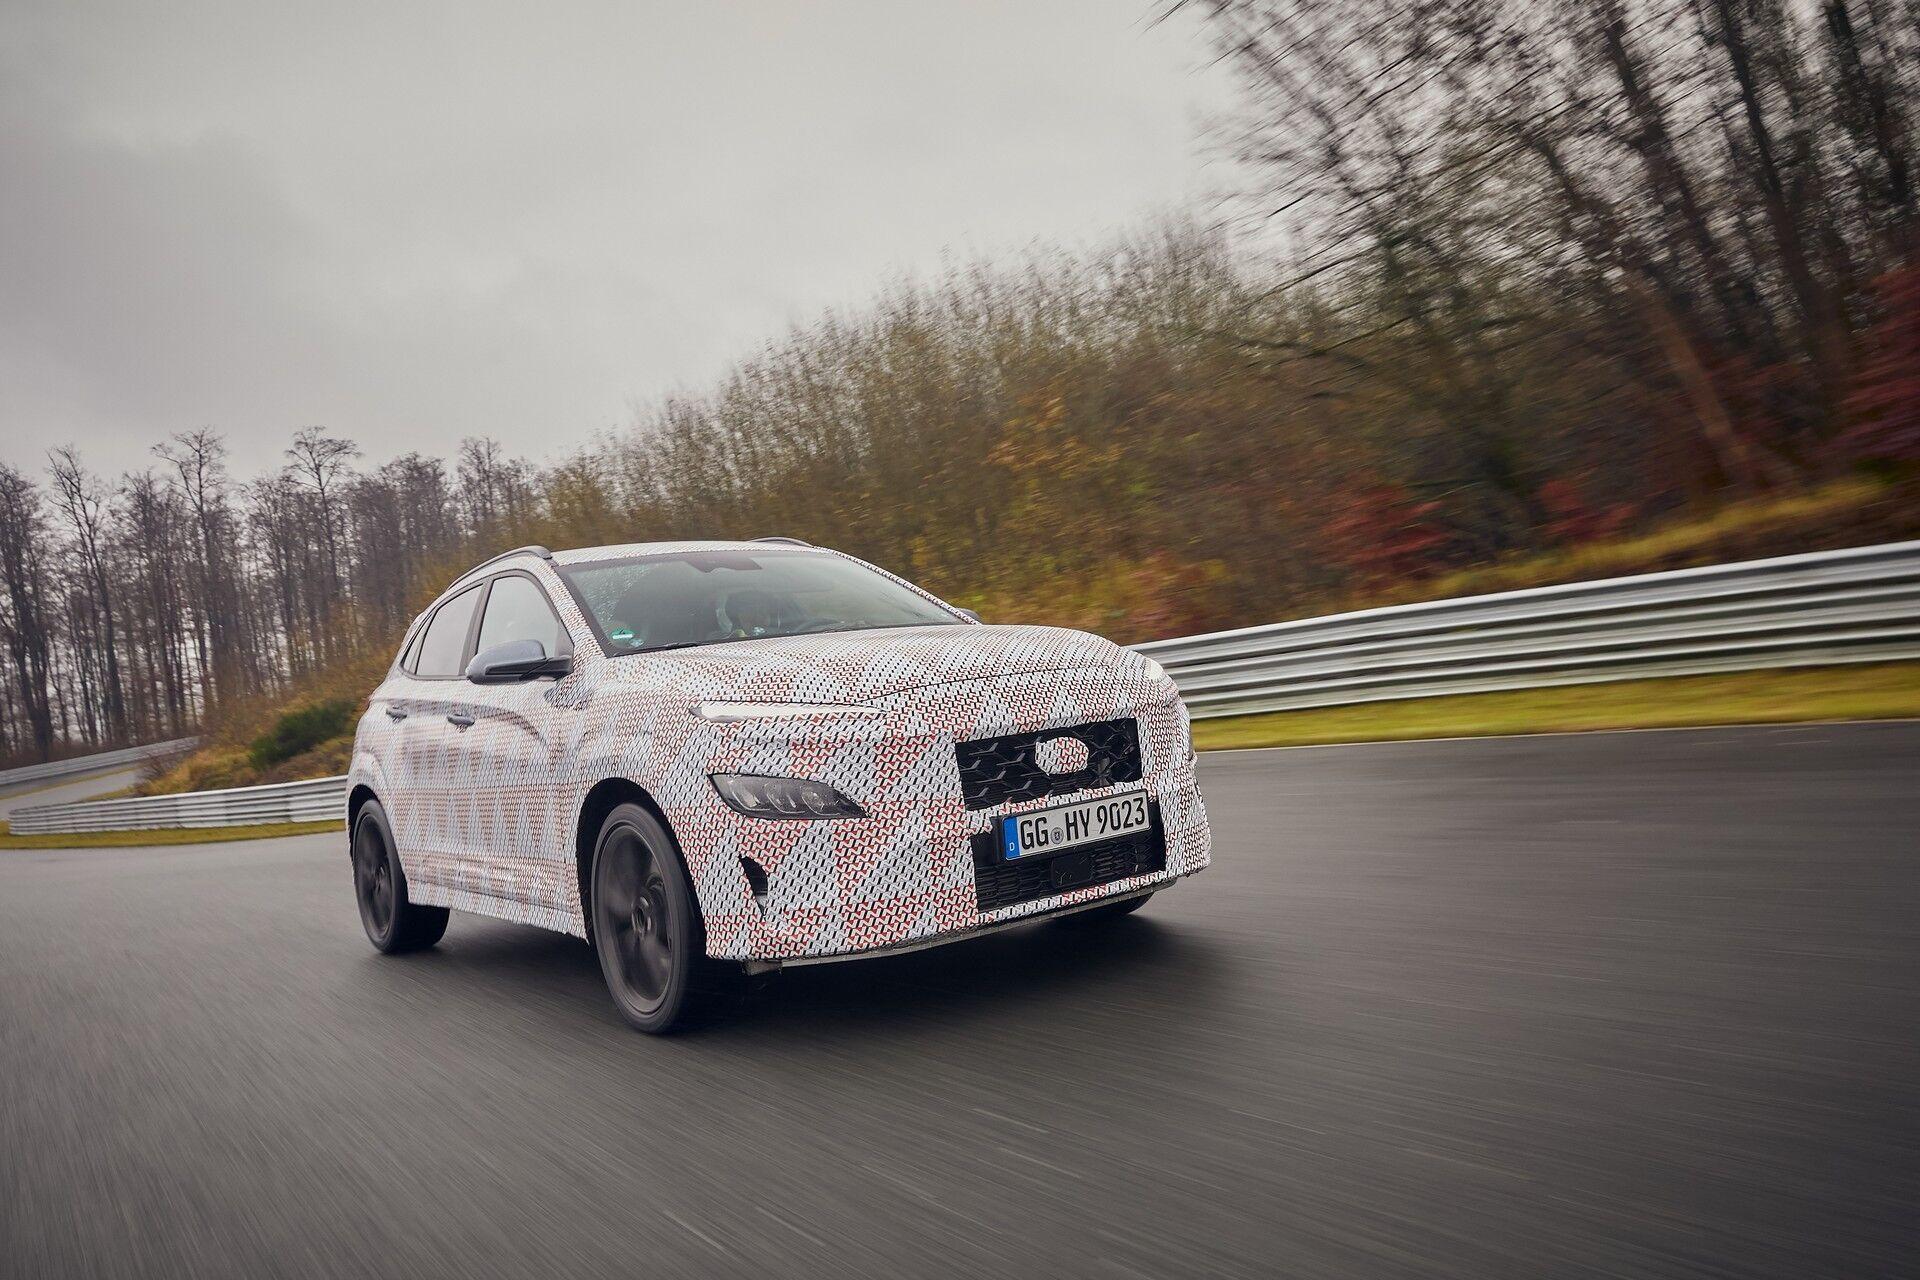 Автомобиль получит иные бампера с увеличенными воздухозаборниками и собственный аэродинамический обвес